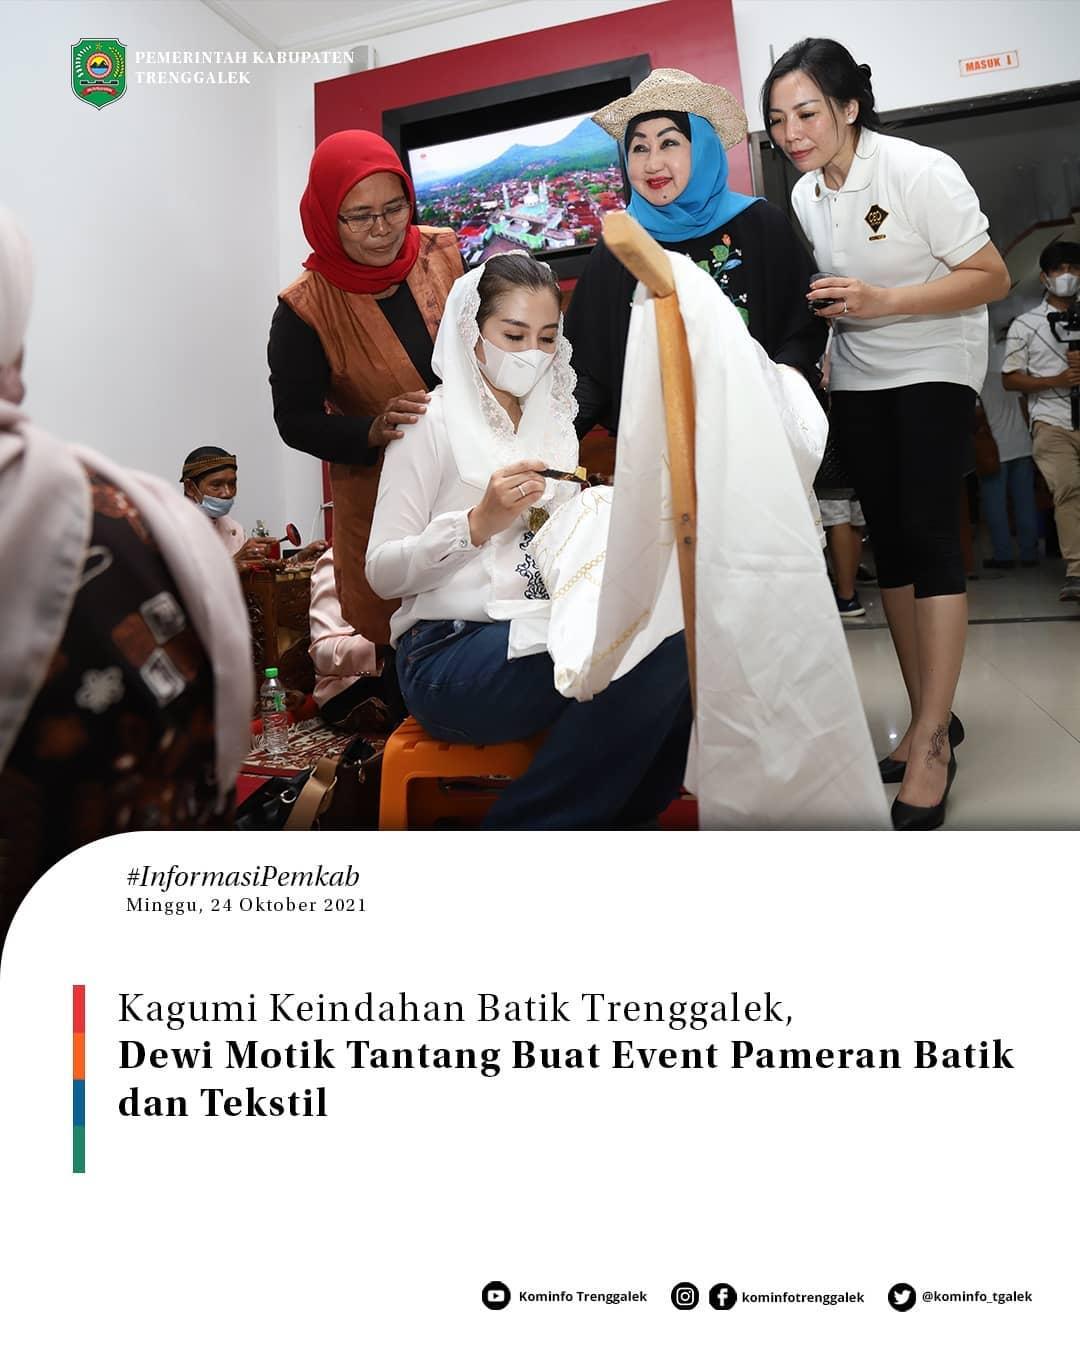 Kagumi Keindahan Batik Trenggalek, Dewi Motik Tantang Buat Event Pameran Batik dan Tekstil